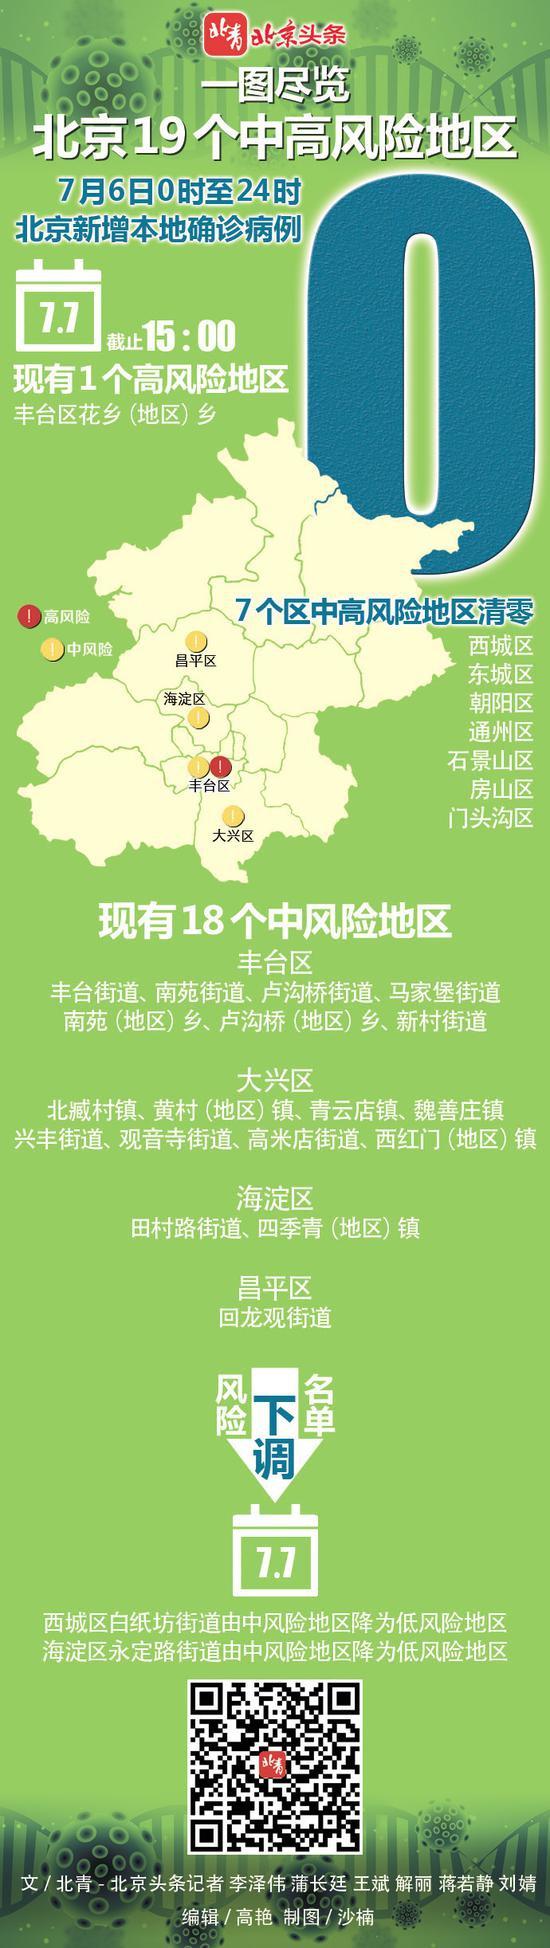 [赢咖3]一图尽览北京19个中高风赢咖3险地区图片